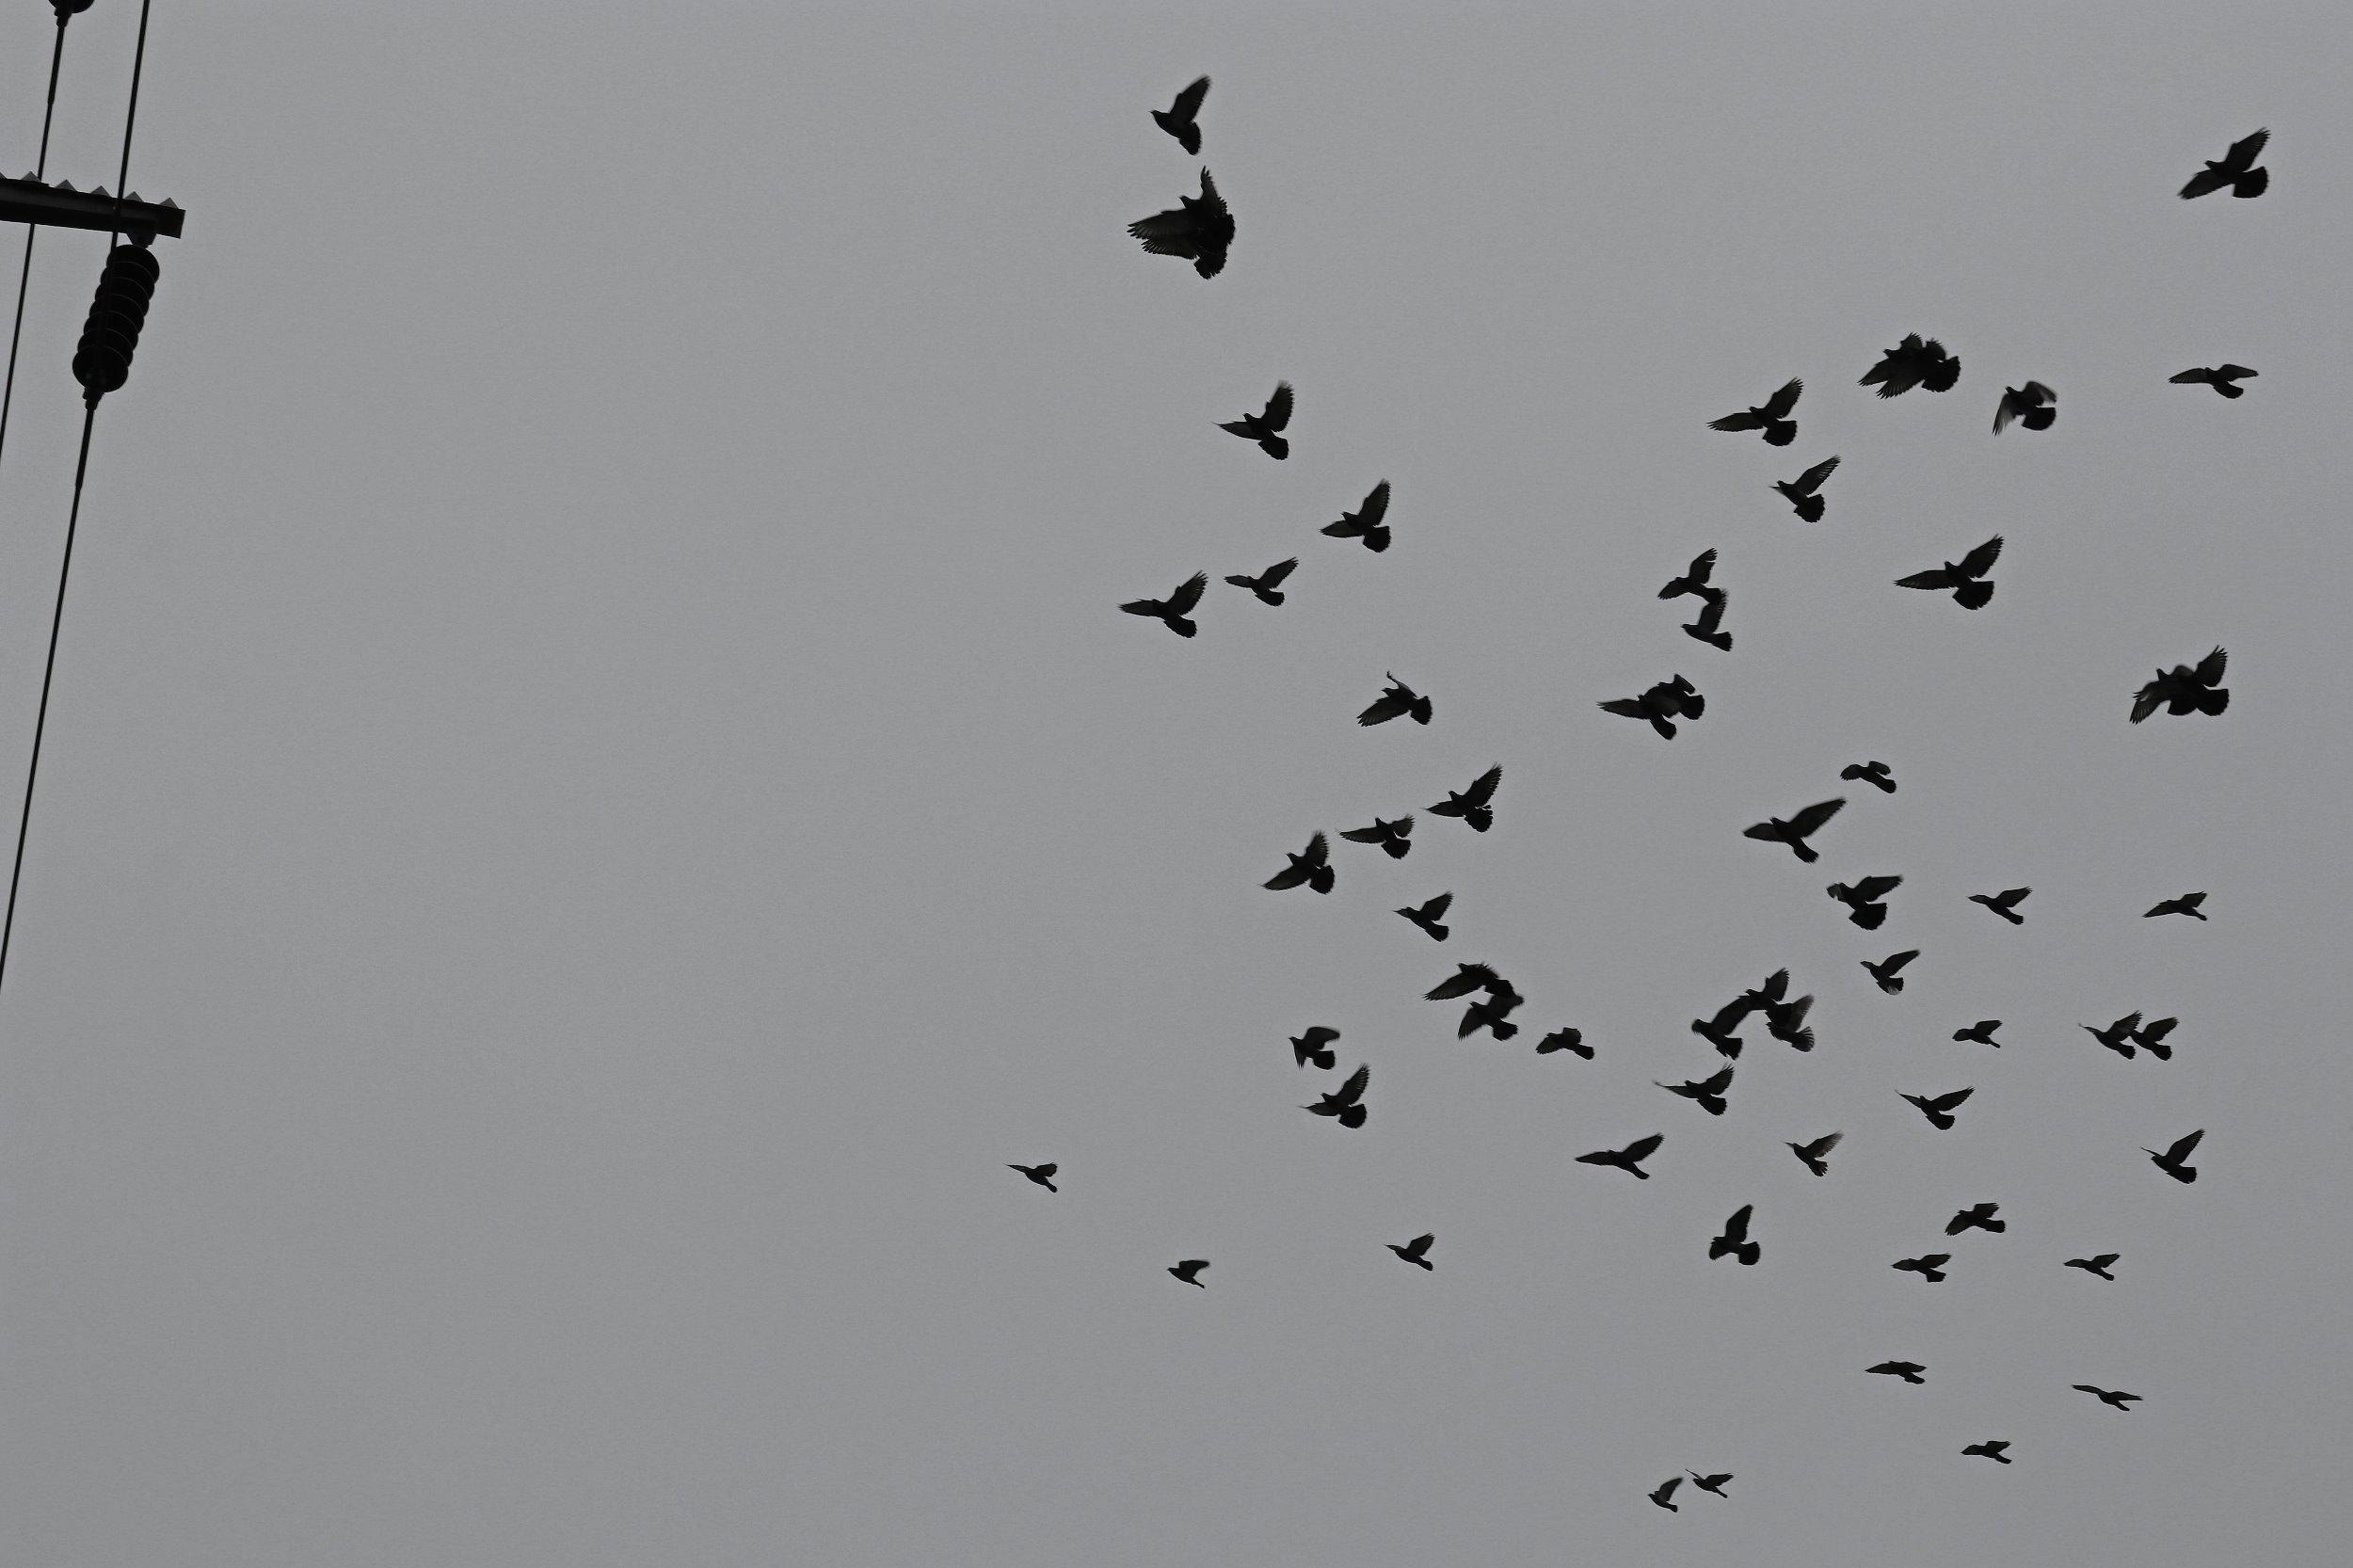 birdsonawire3.jpg